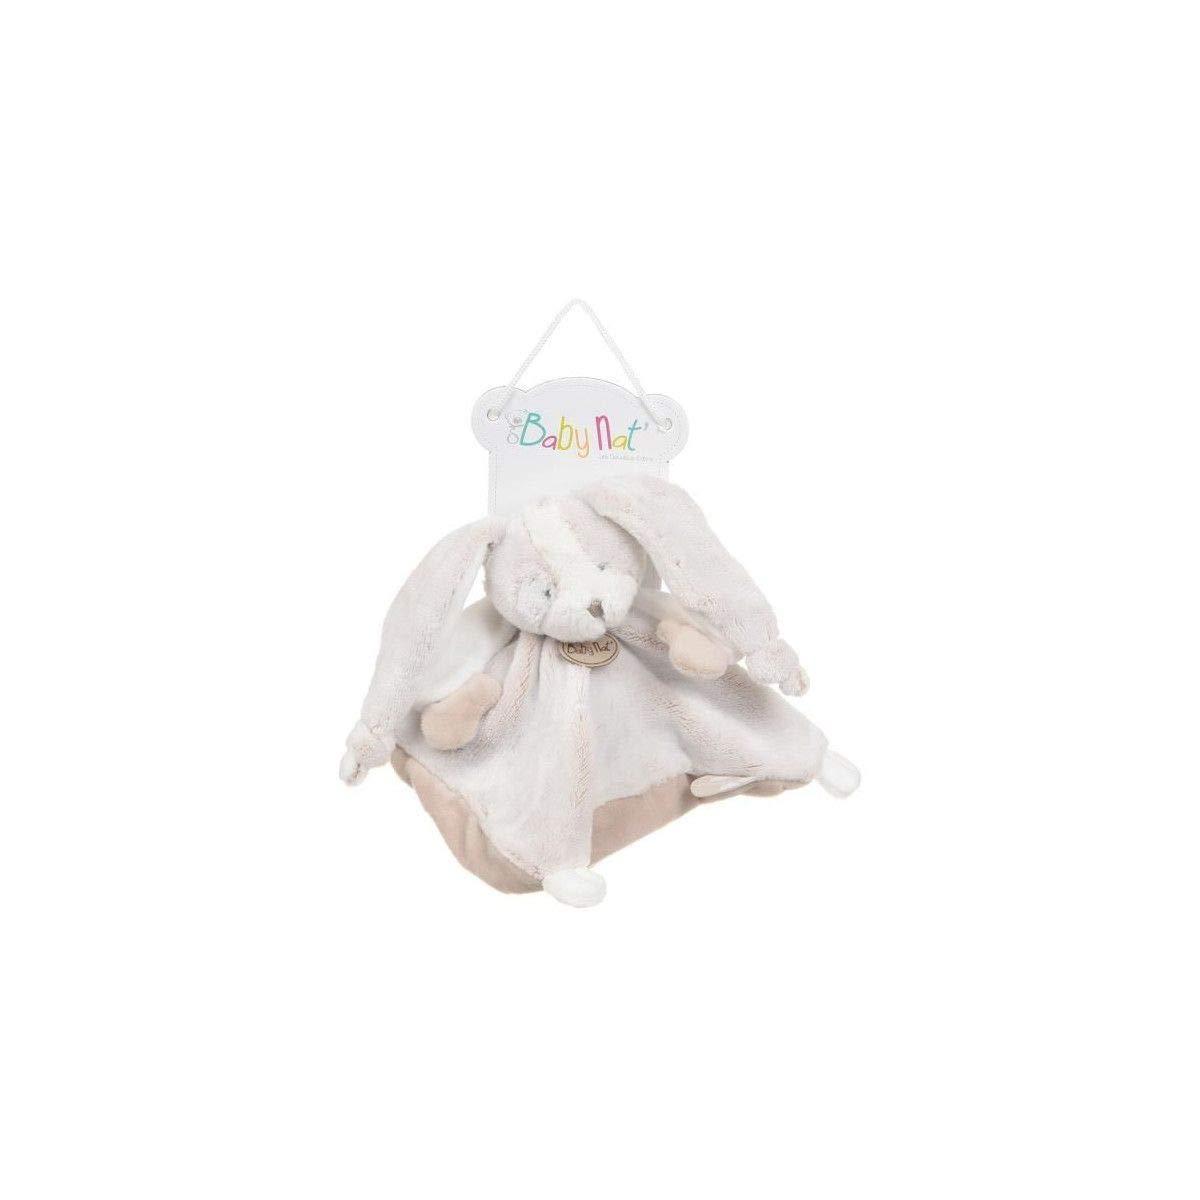 Babynat Baby'Nat Doudou lapin Les Toudoux Plat Gris BN0279